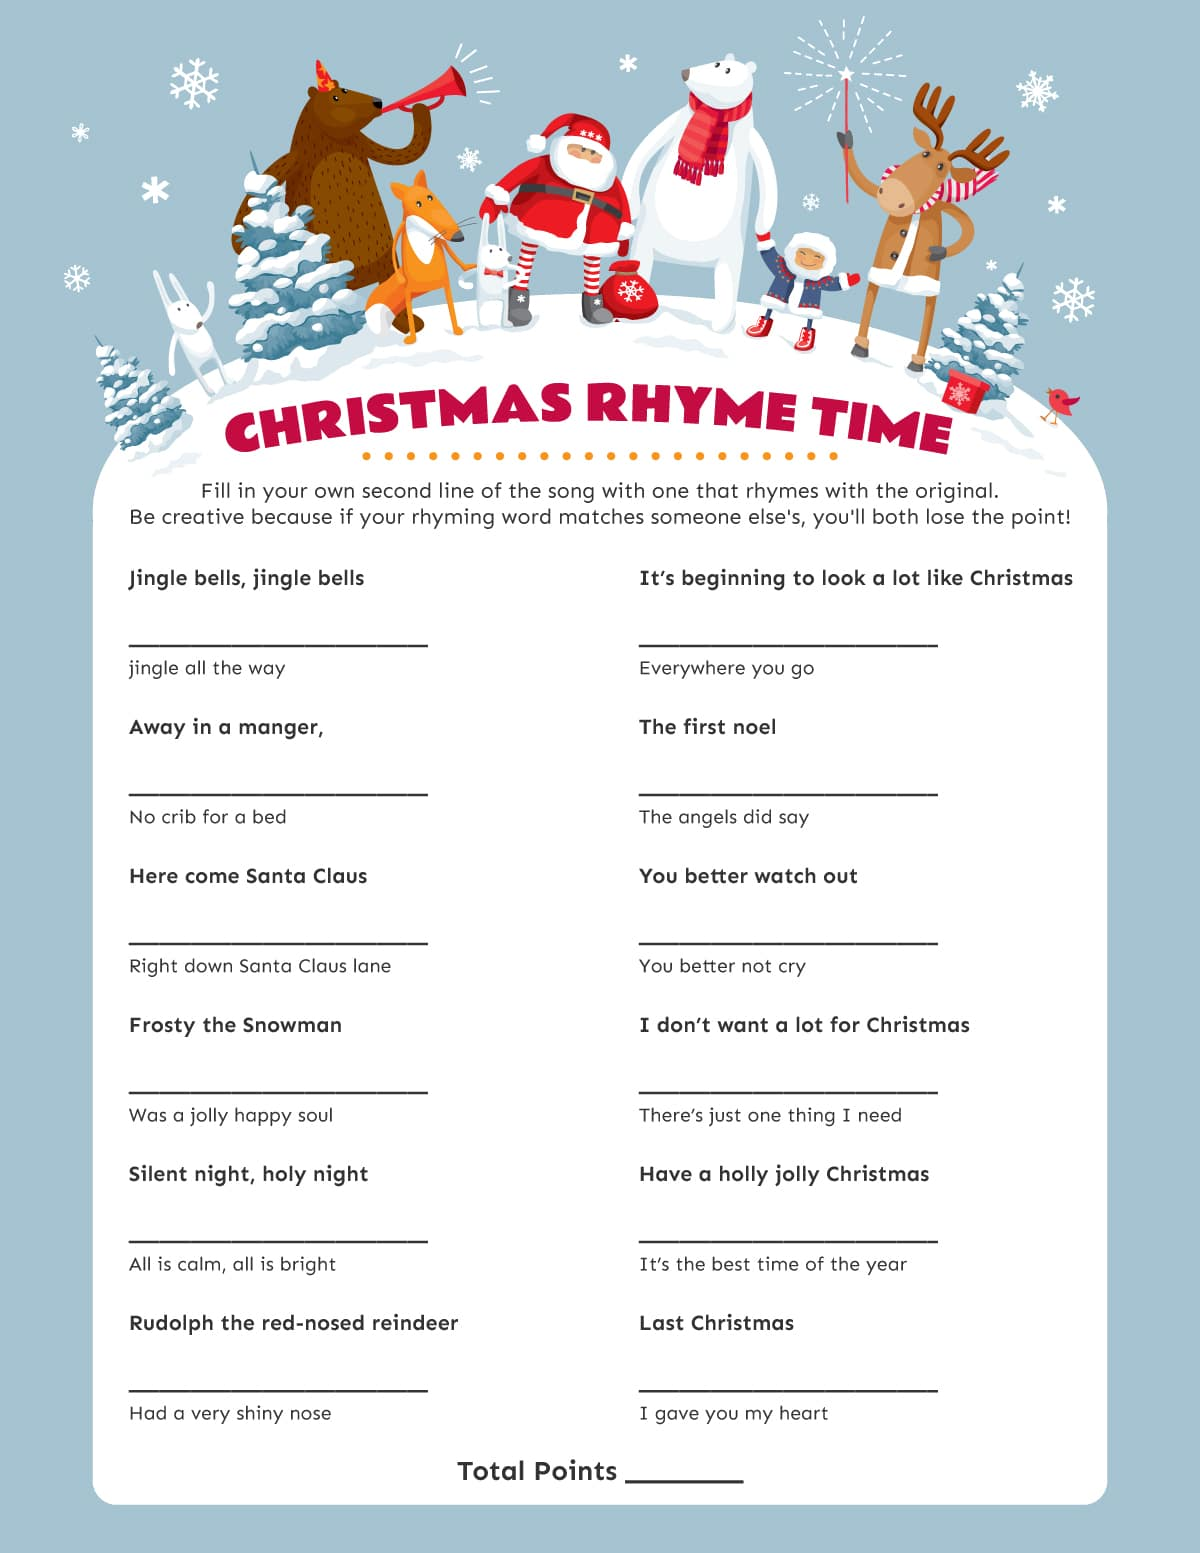 Christmas rhyme time game printable